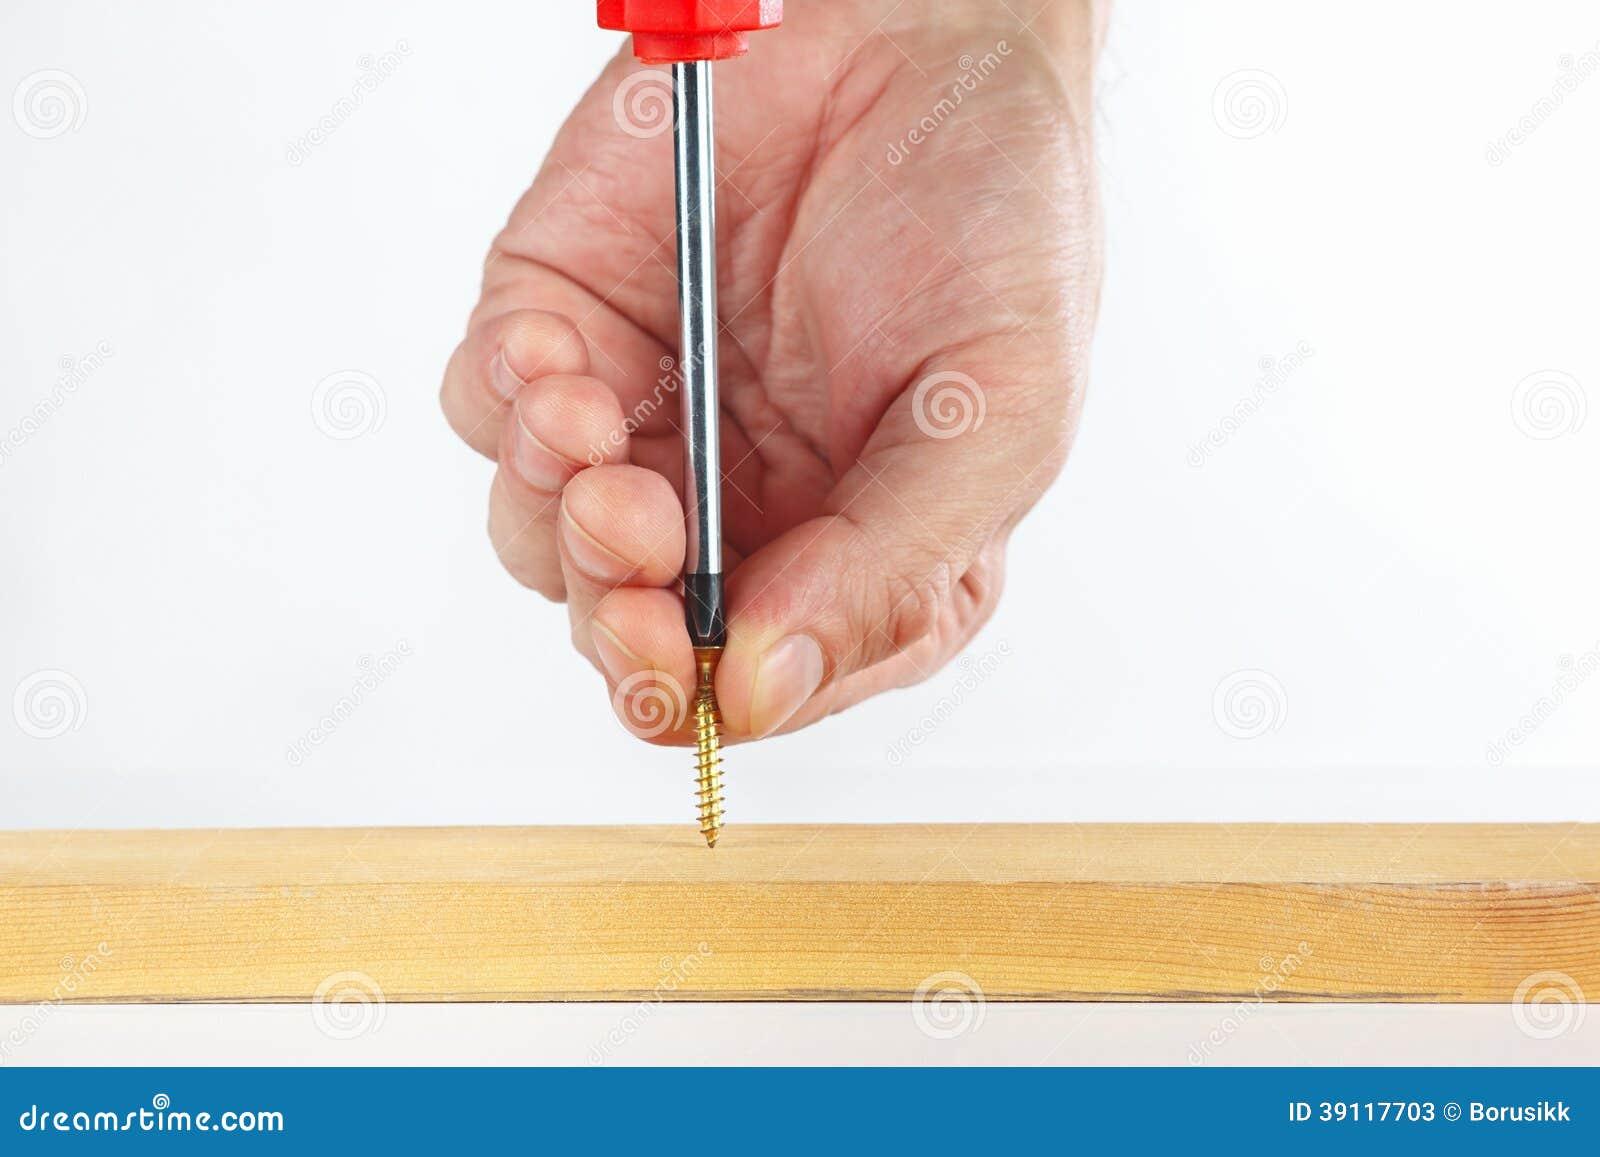 Het met de hand aanspannen van de schroef in het houten blok